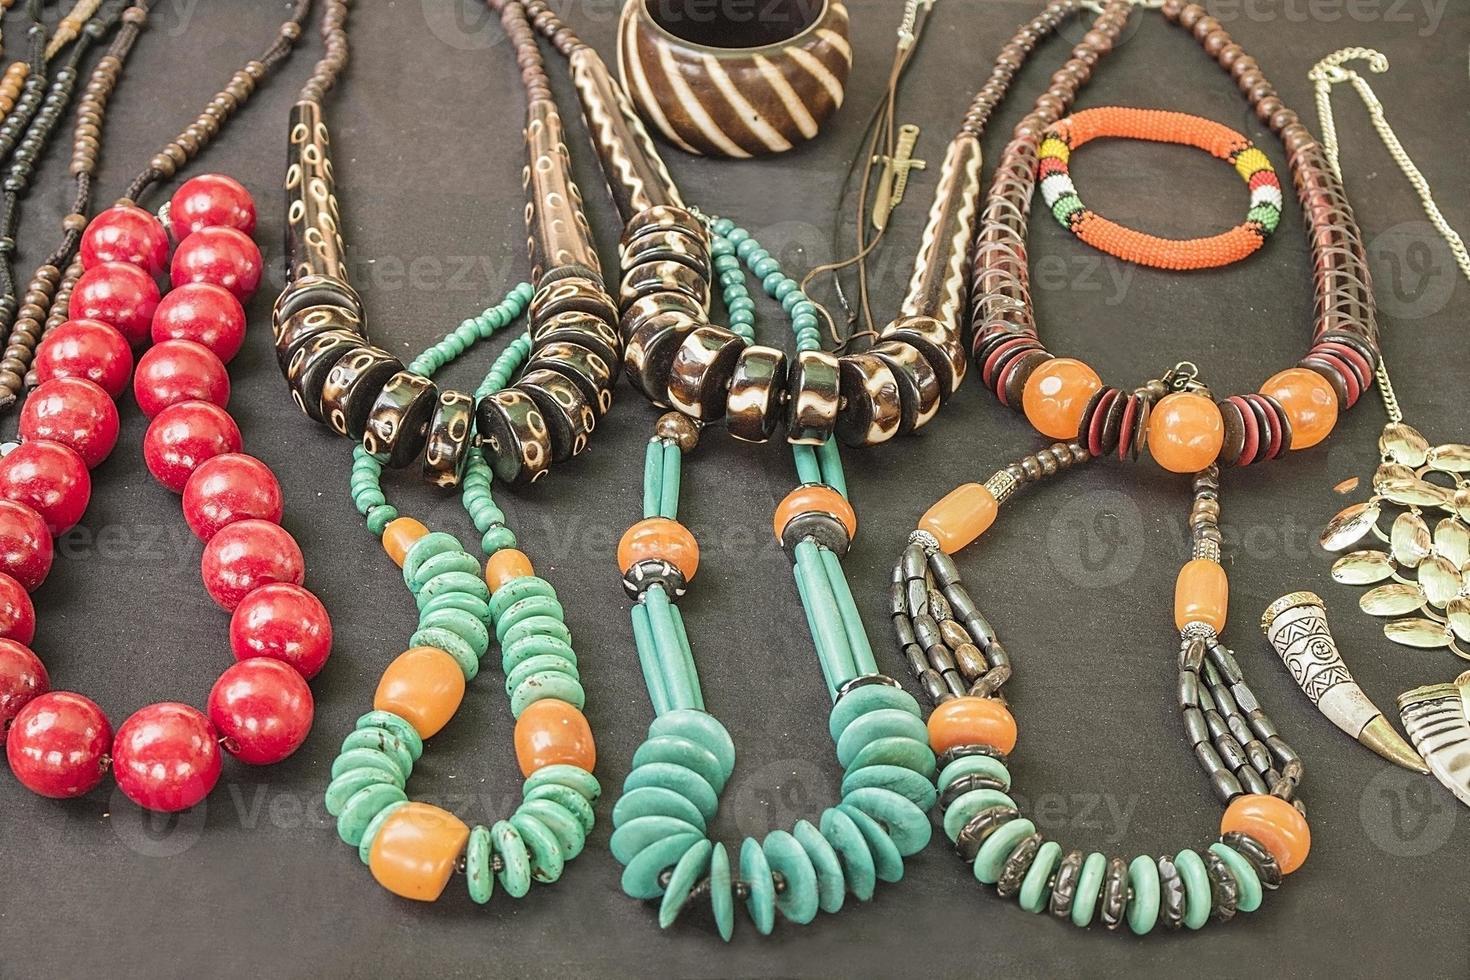 afrikanische traditionelle handgemachte Perlen Armbänder, Halsketten, Anhänger. foto